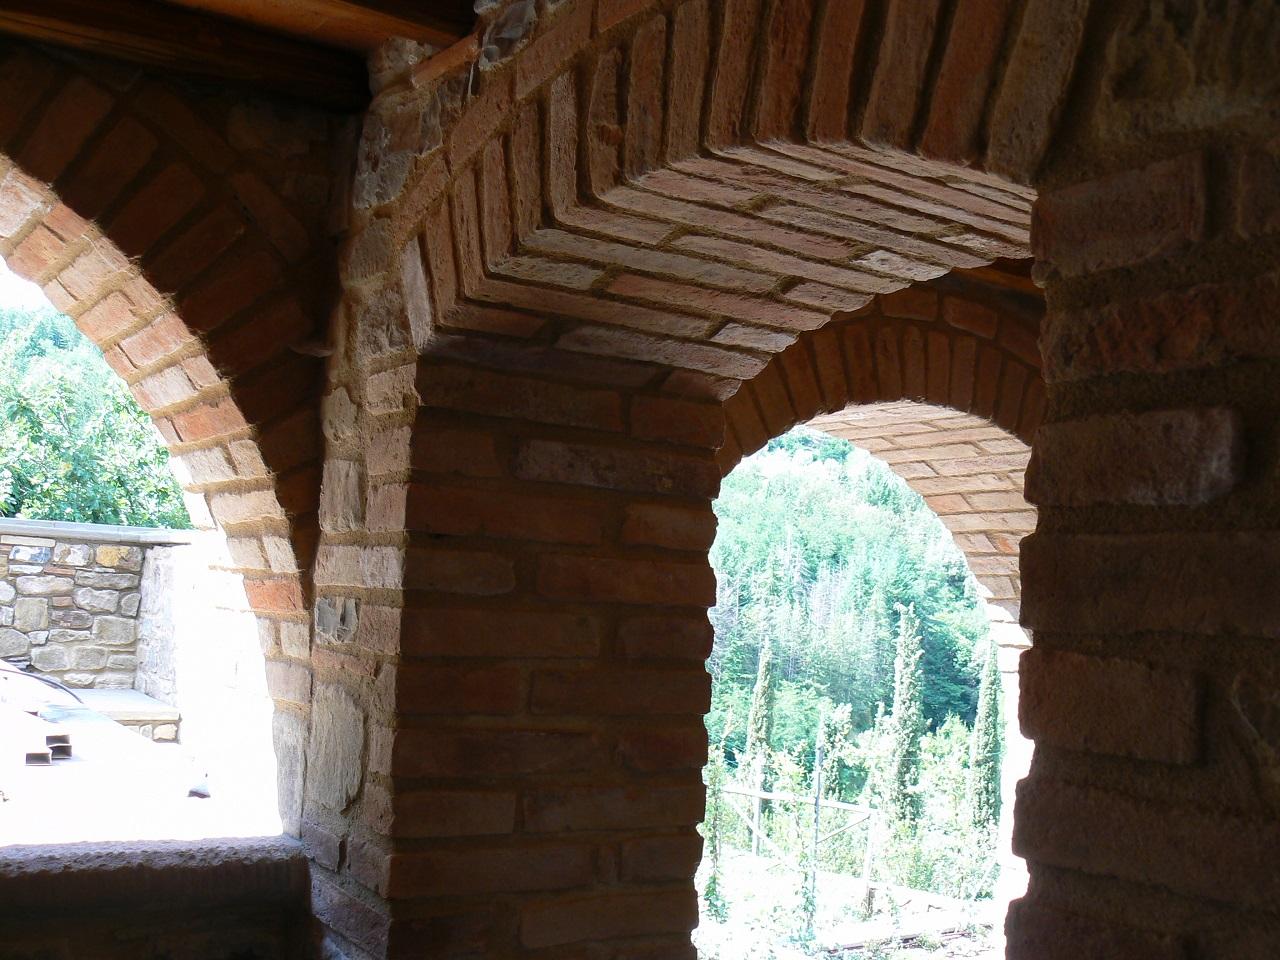 Archi in archi in mattoni best prima dei lavori arco - Archi in gesso per interni ...